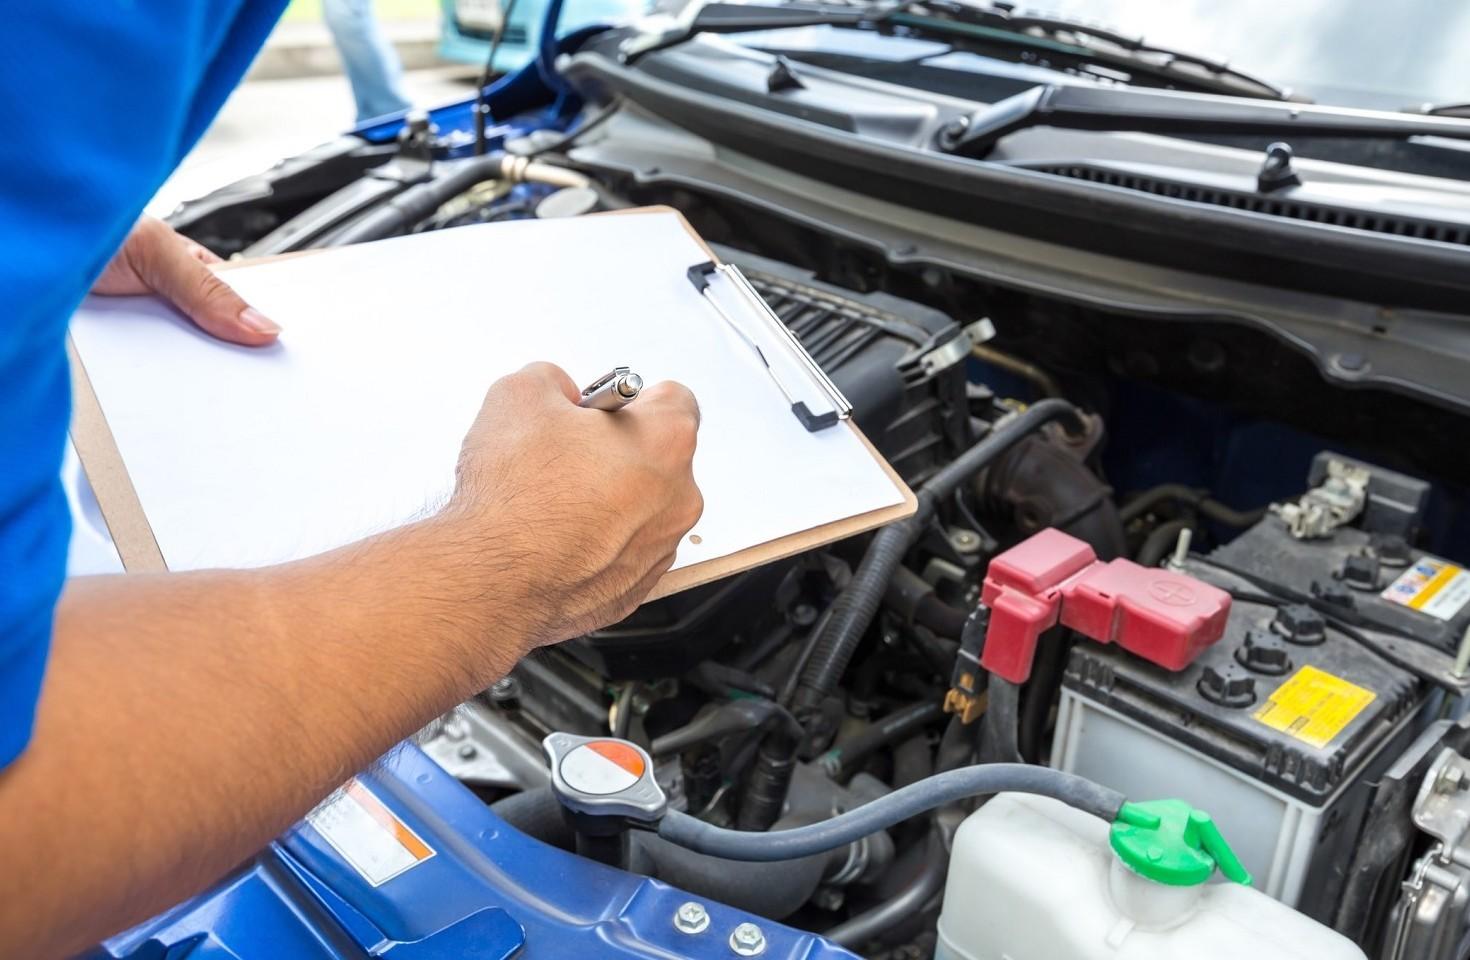 Revisione auto, tutti i controlli previsti. Ecco quali sono